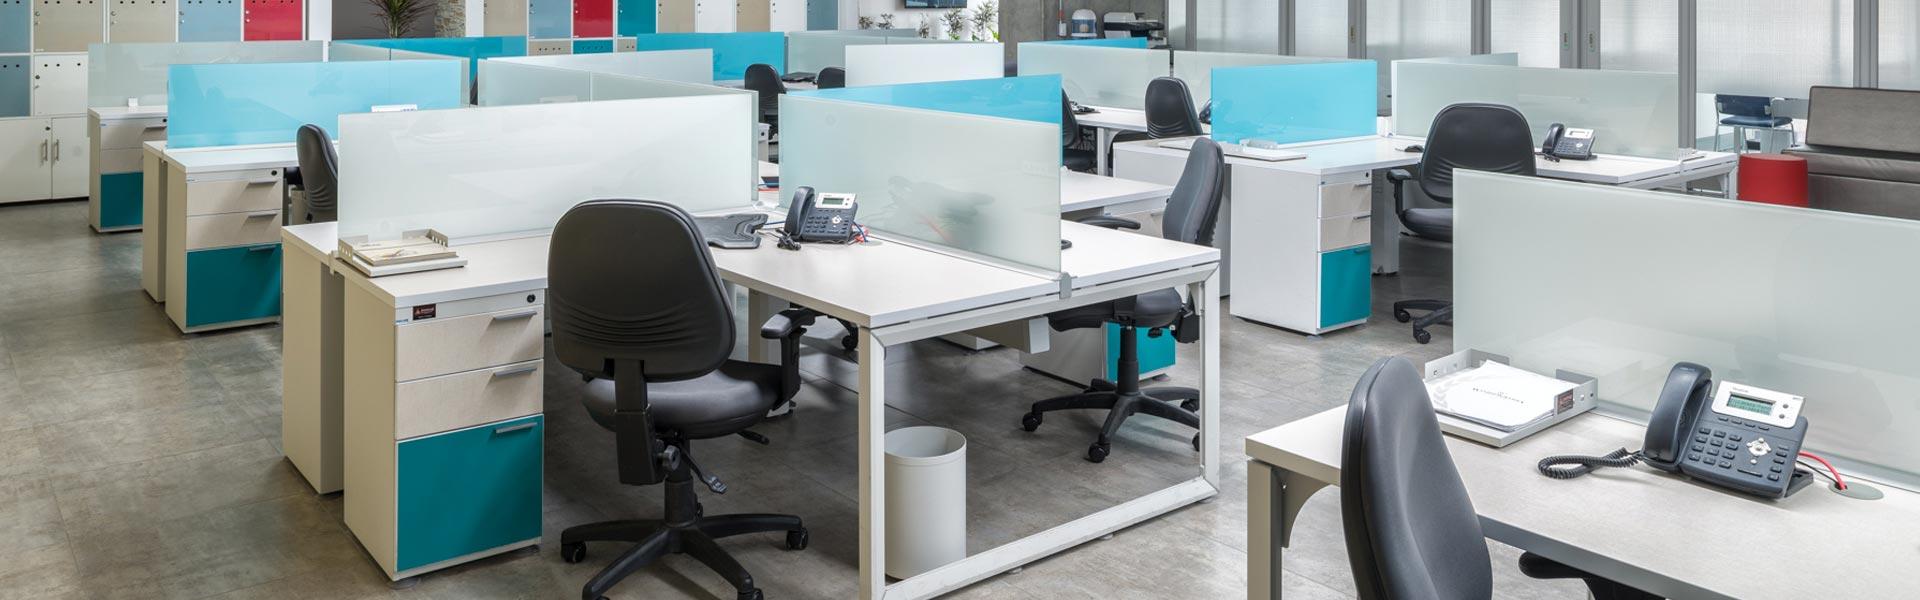 Ducon muebles y mobiliario para oficina divisiones for Escritorios para disenadores